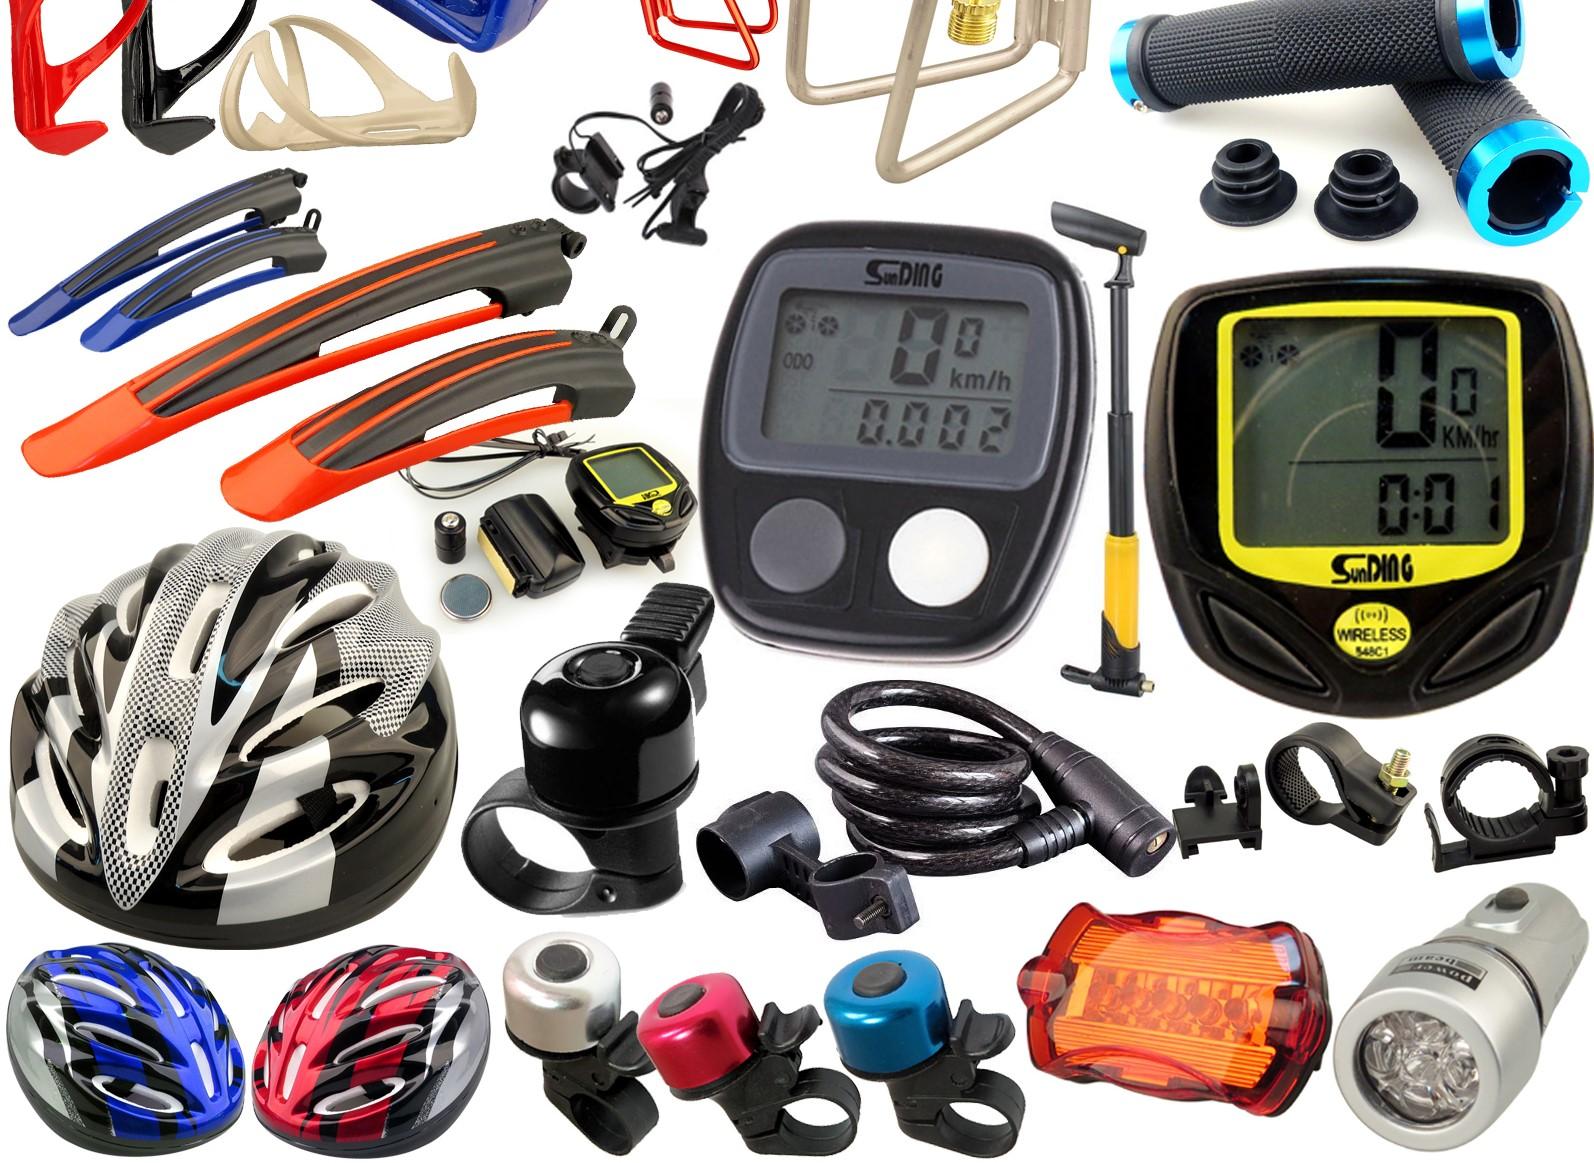 Как выбрать насос для велосипеда: виды насосов и рекомендации по выбору